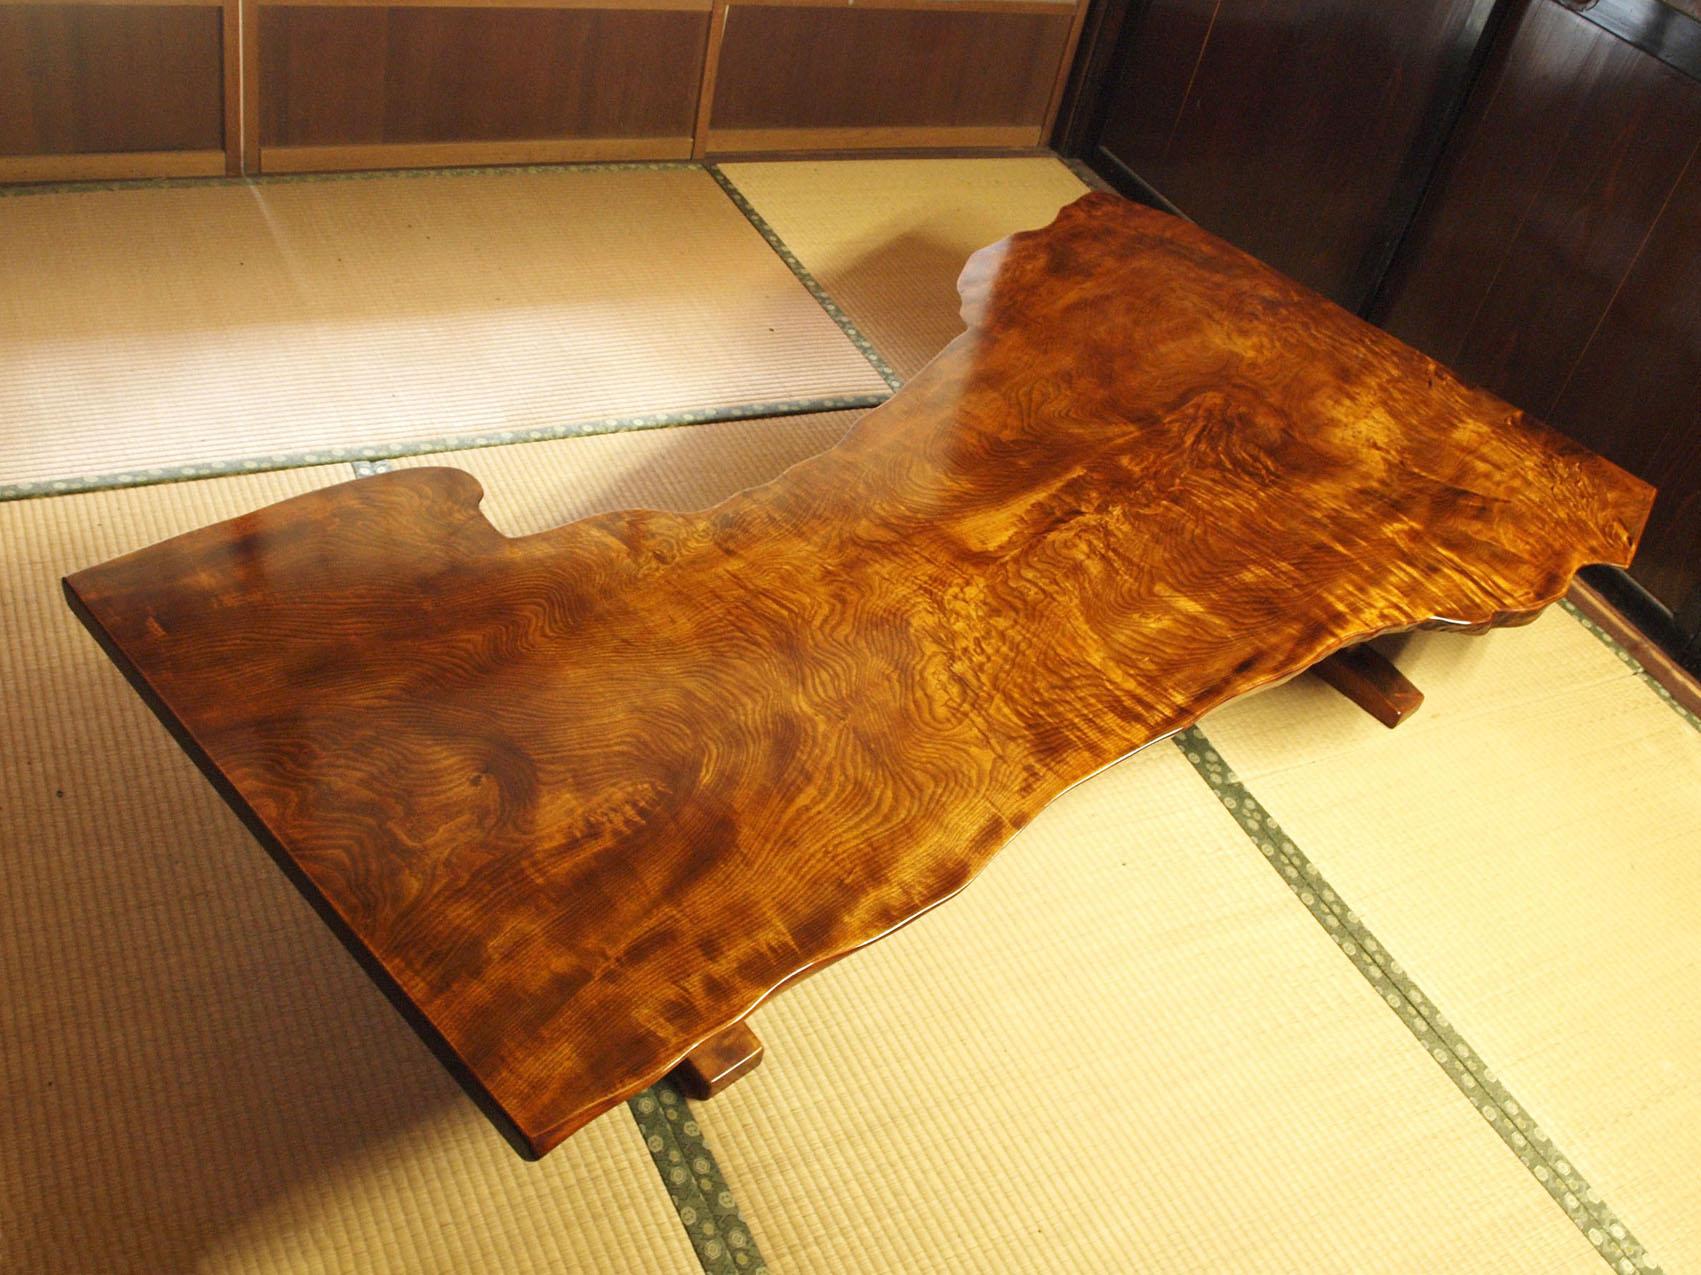 拭き漆栃座卓の全体画像 その2